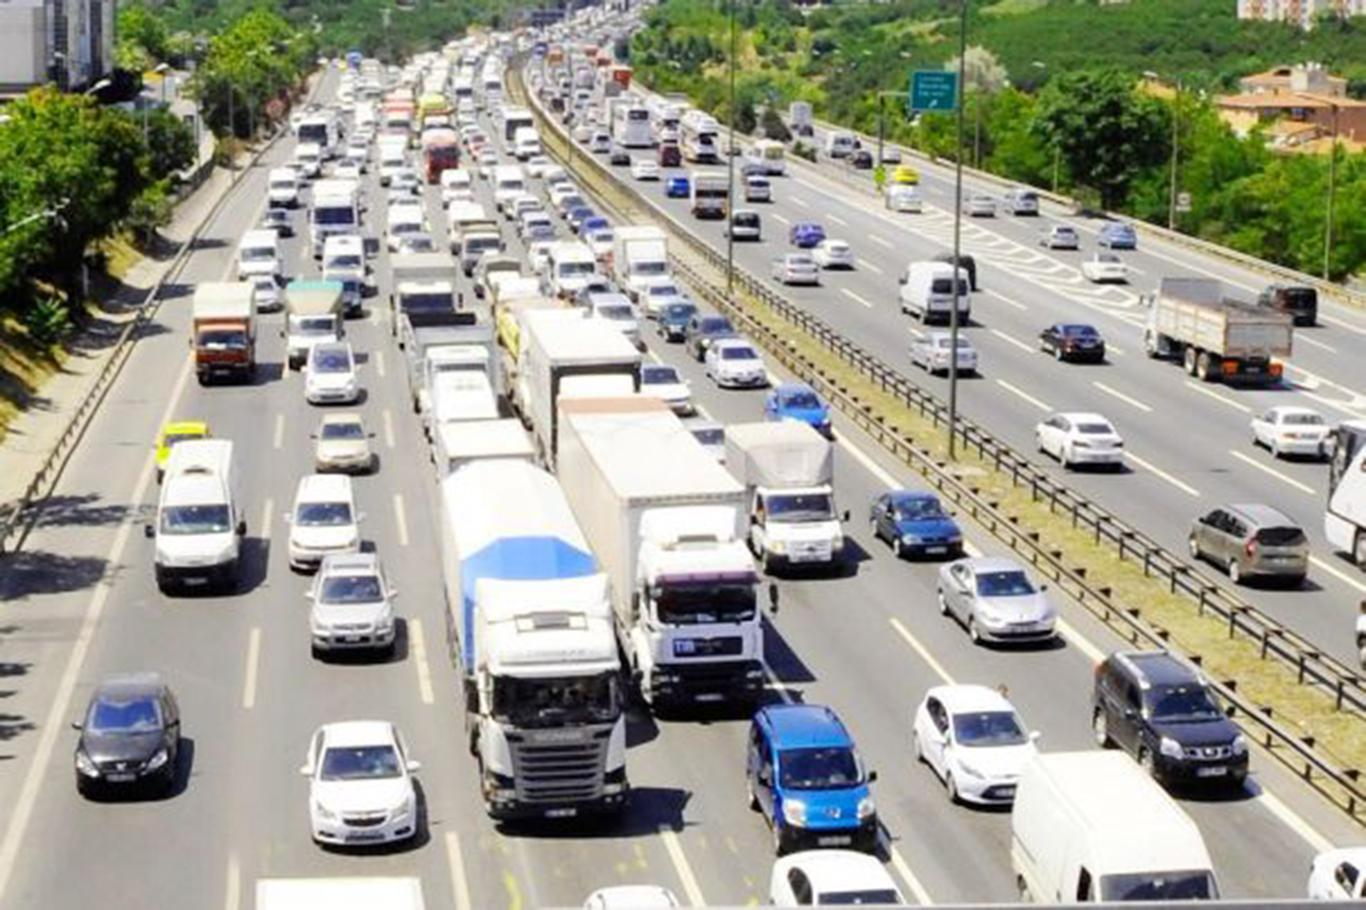 Toplam taşıt-kilometre 306 milyar 926 milyon olarak hesaplandı.